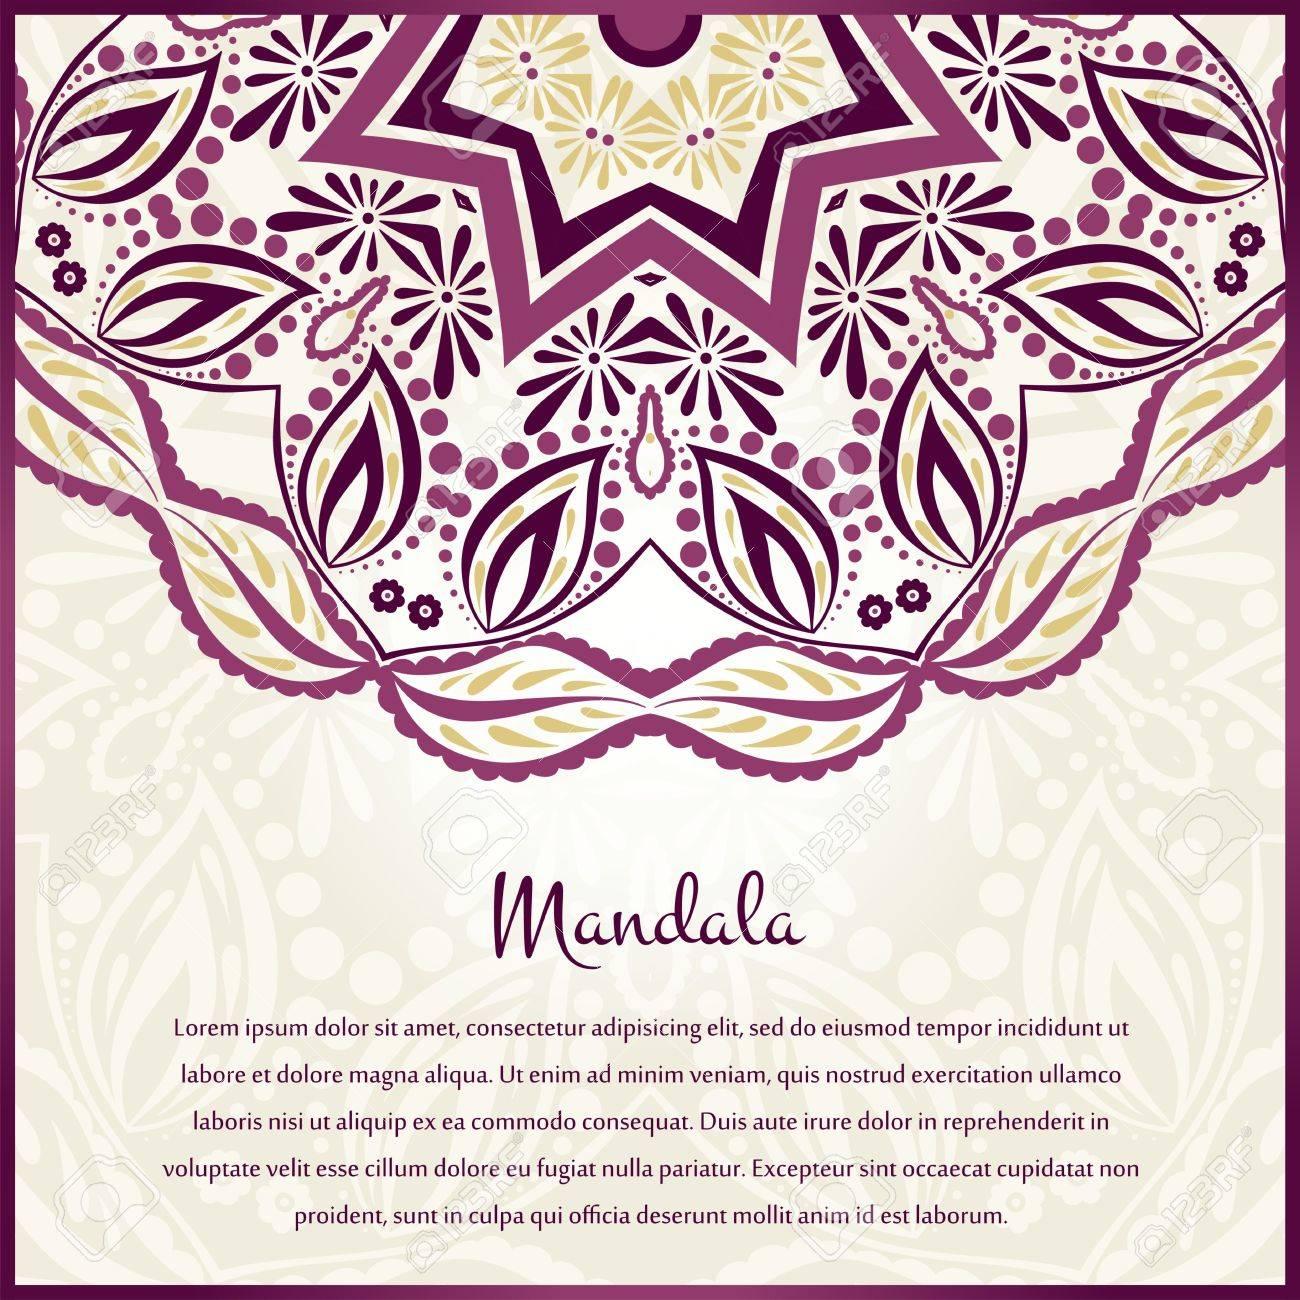 Fleur De Fond Circulaire Un Dessin Stylisé Mandala éléments Décoratifs Vintage Islam Arabe Indienne Motifs Ottomanes Fleurs Stylisées Placez